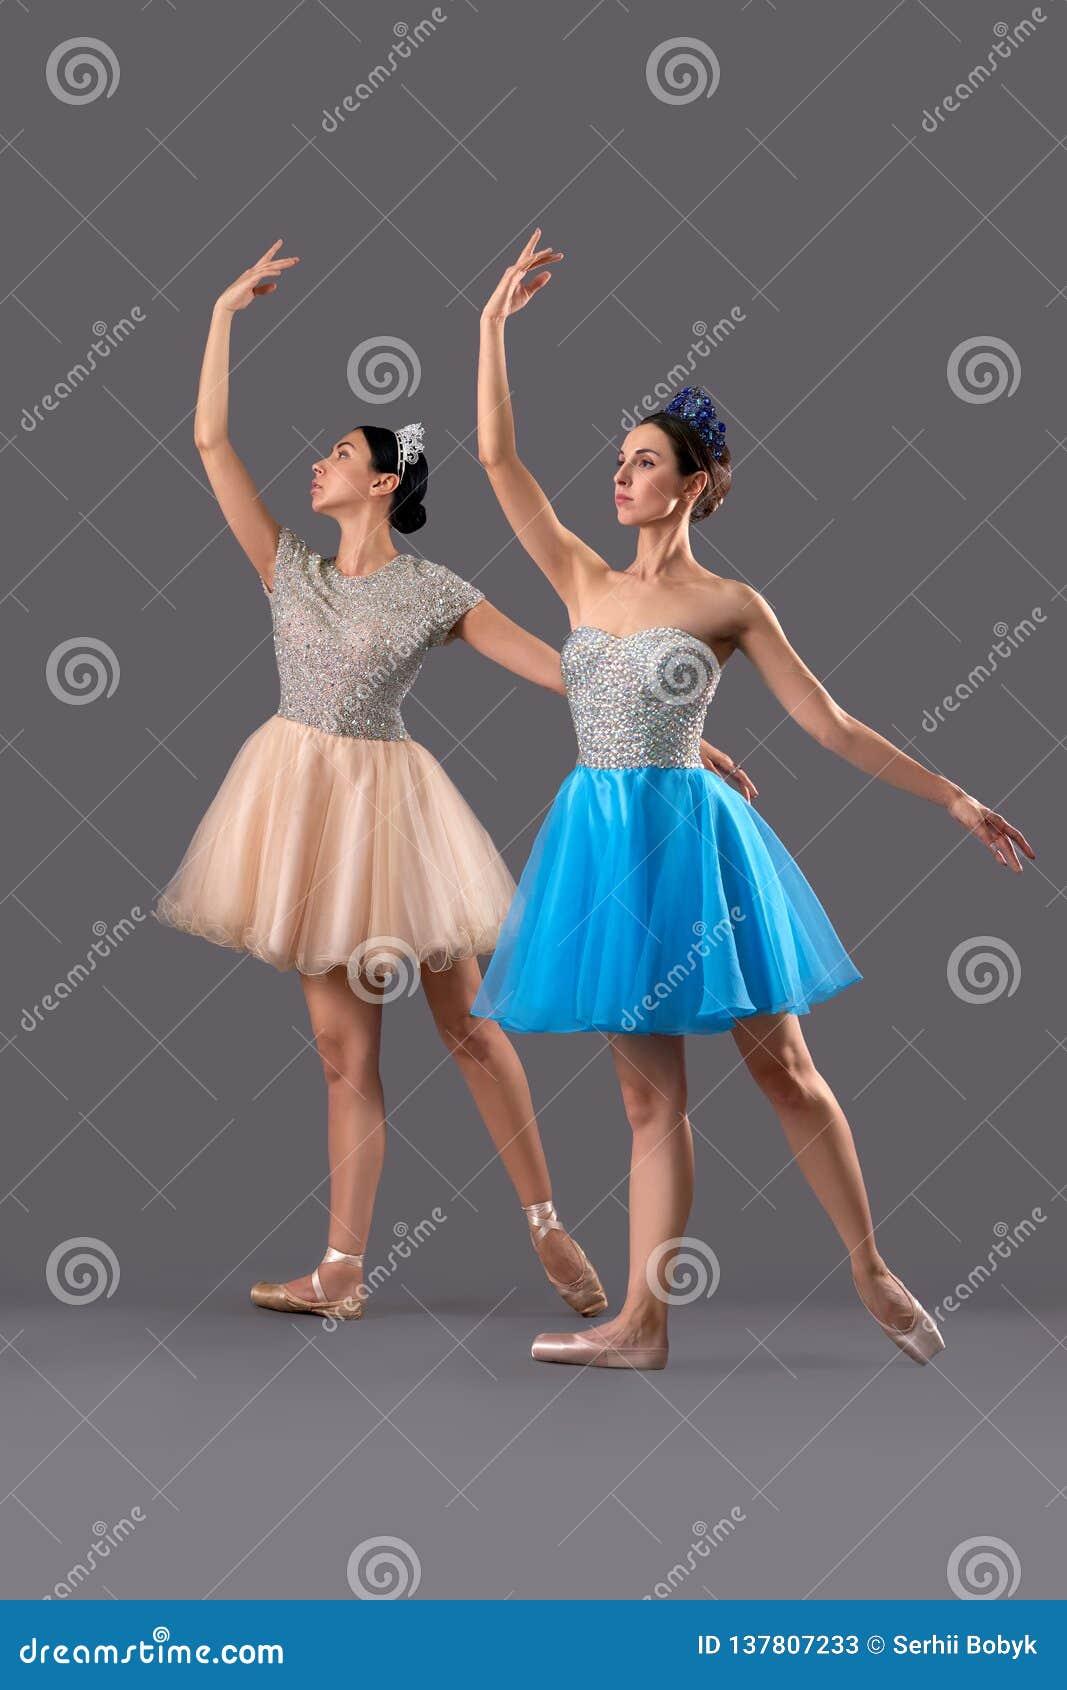 Deux ballerines dans des robes et des chaussures et pose de ballet